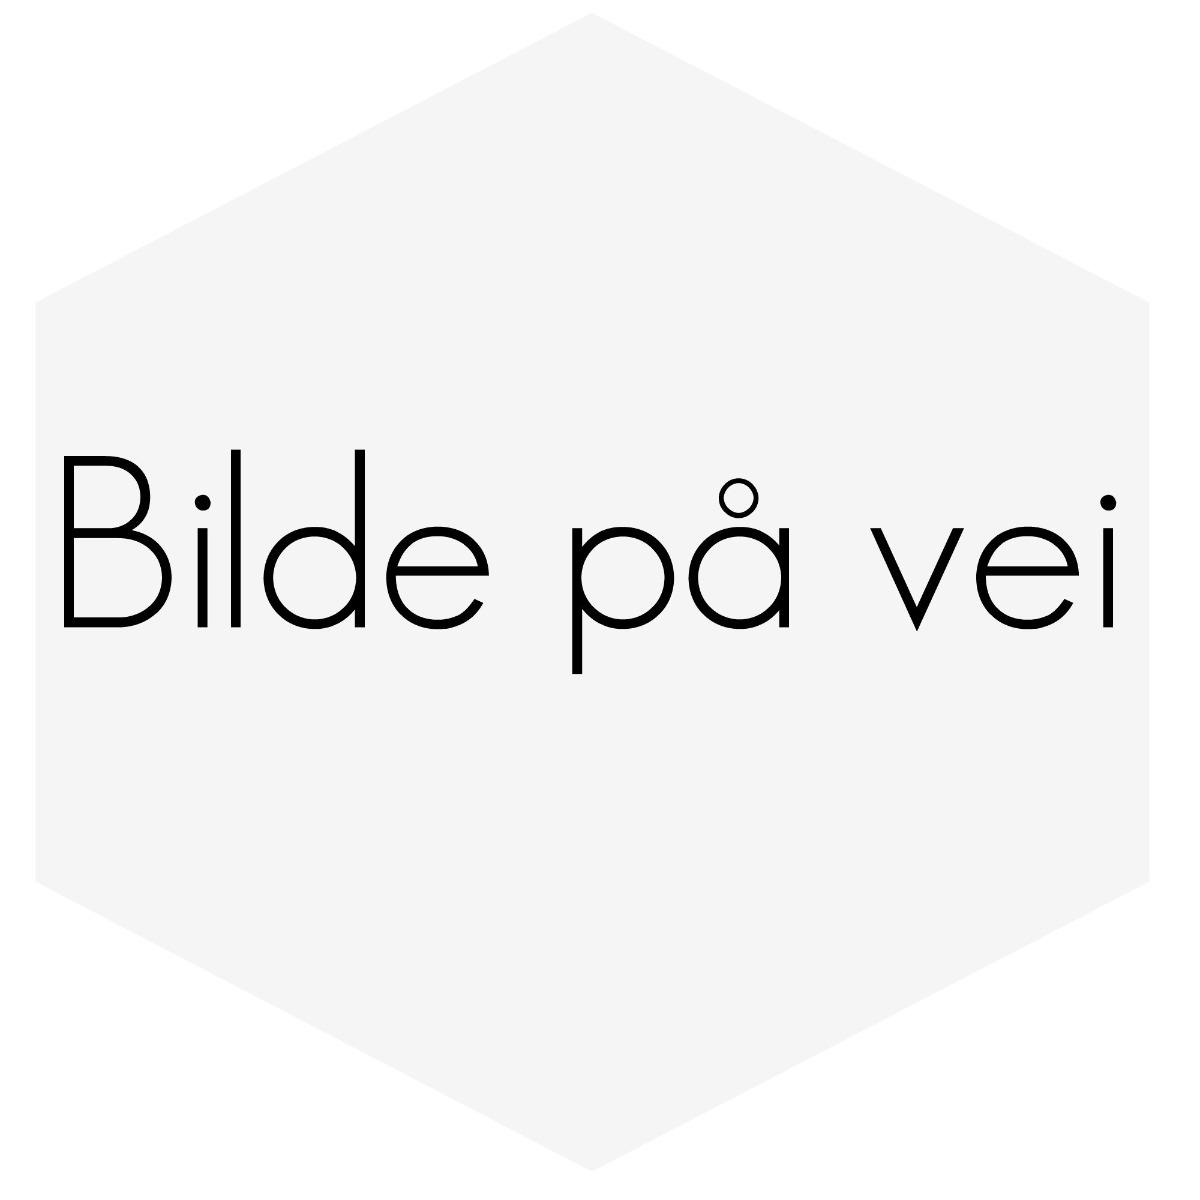 DEKK VINTER PIGG 225/55-17 VREDESTEIN WINTRAC ICE TILBUDSPRI